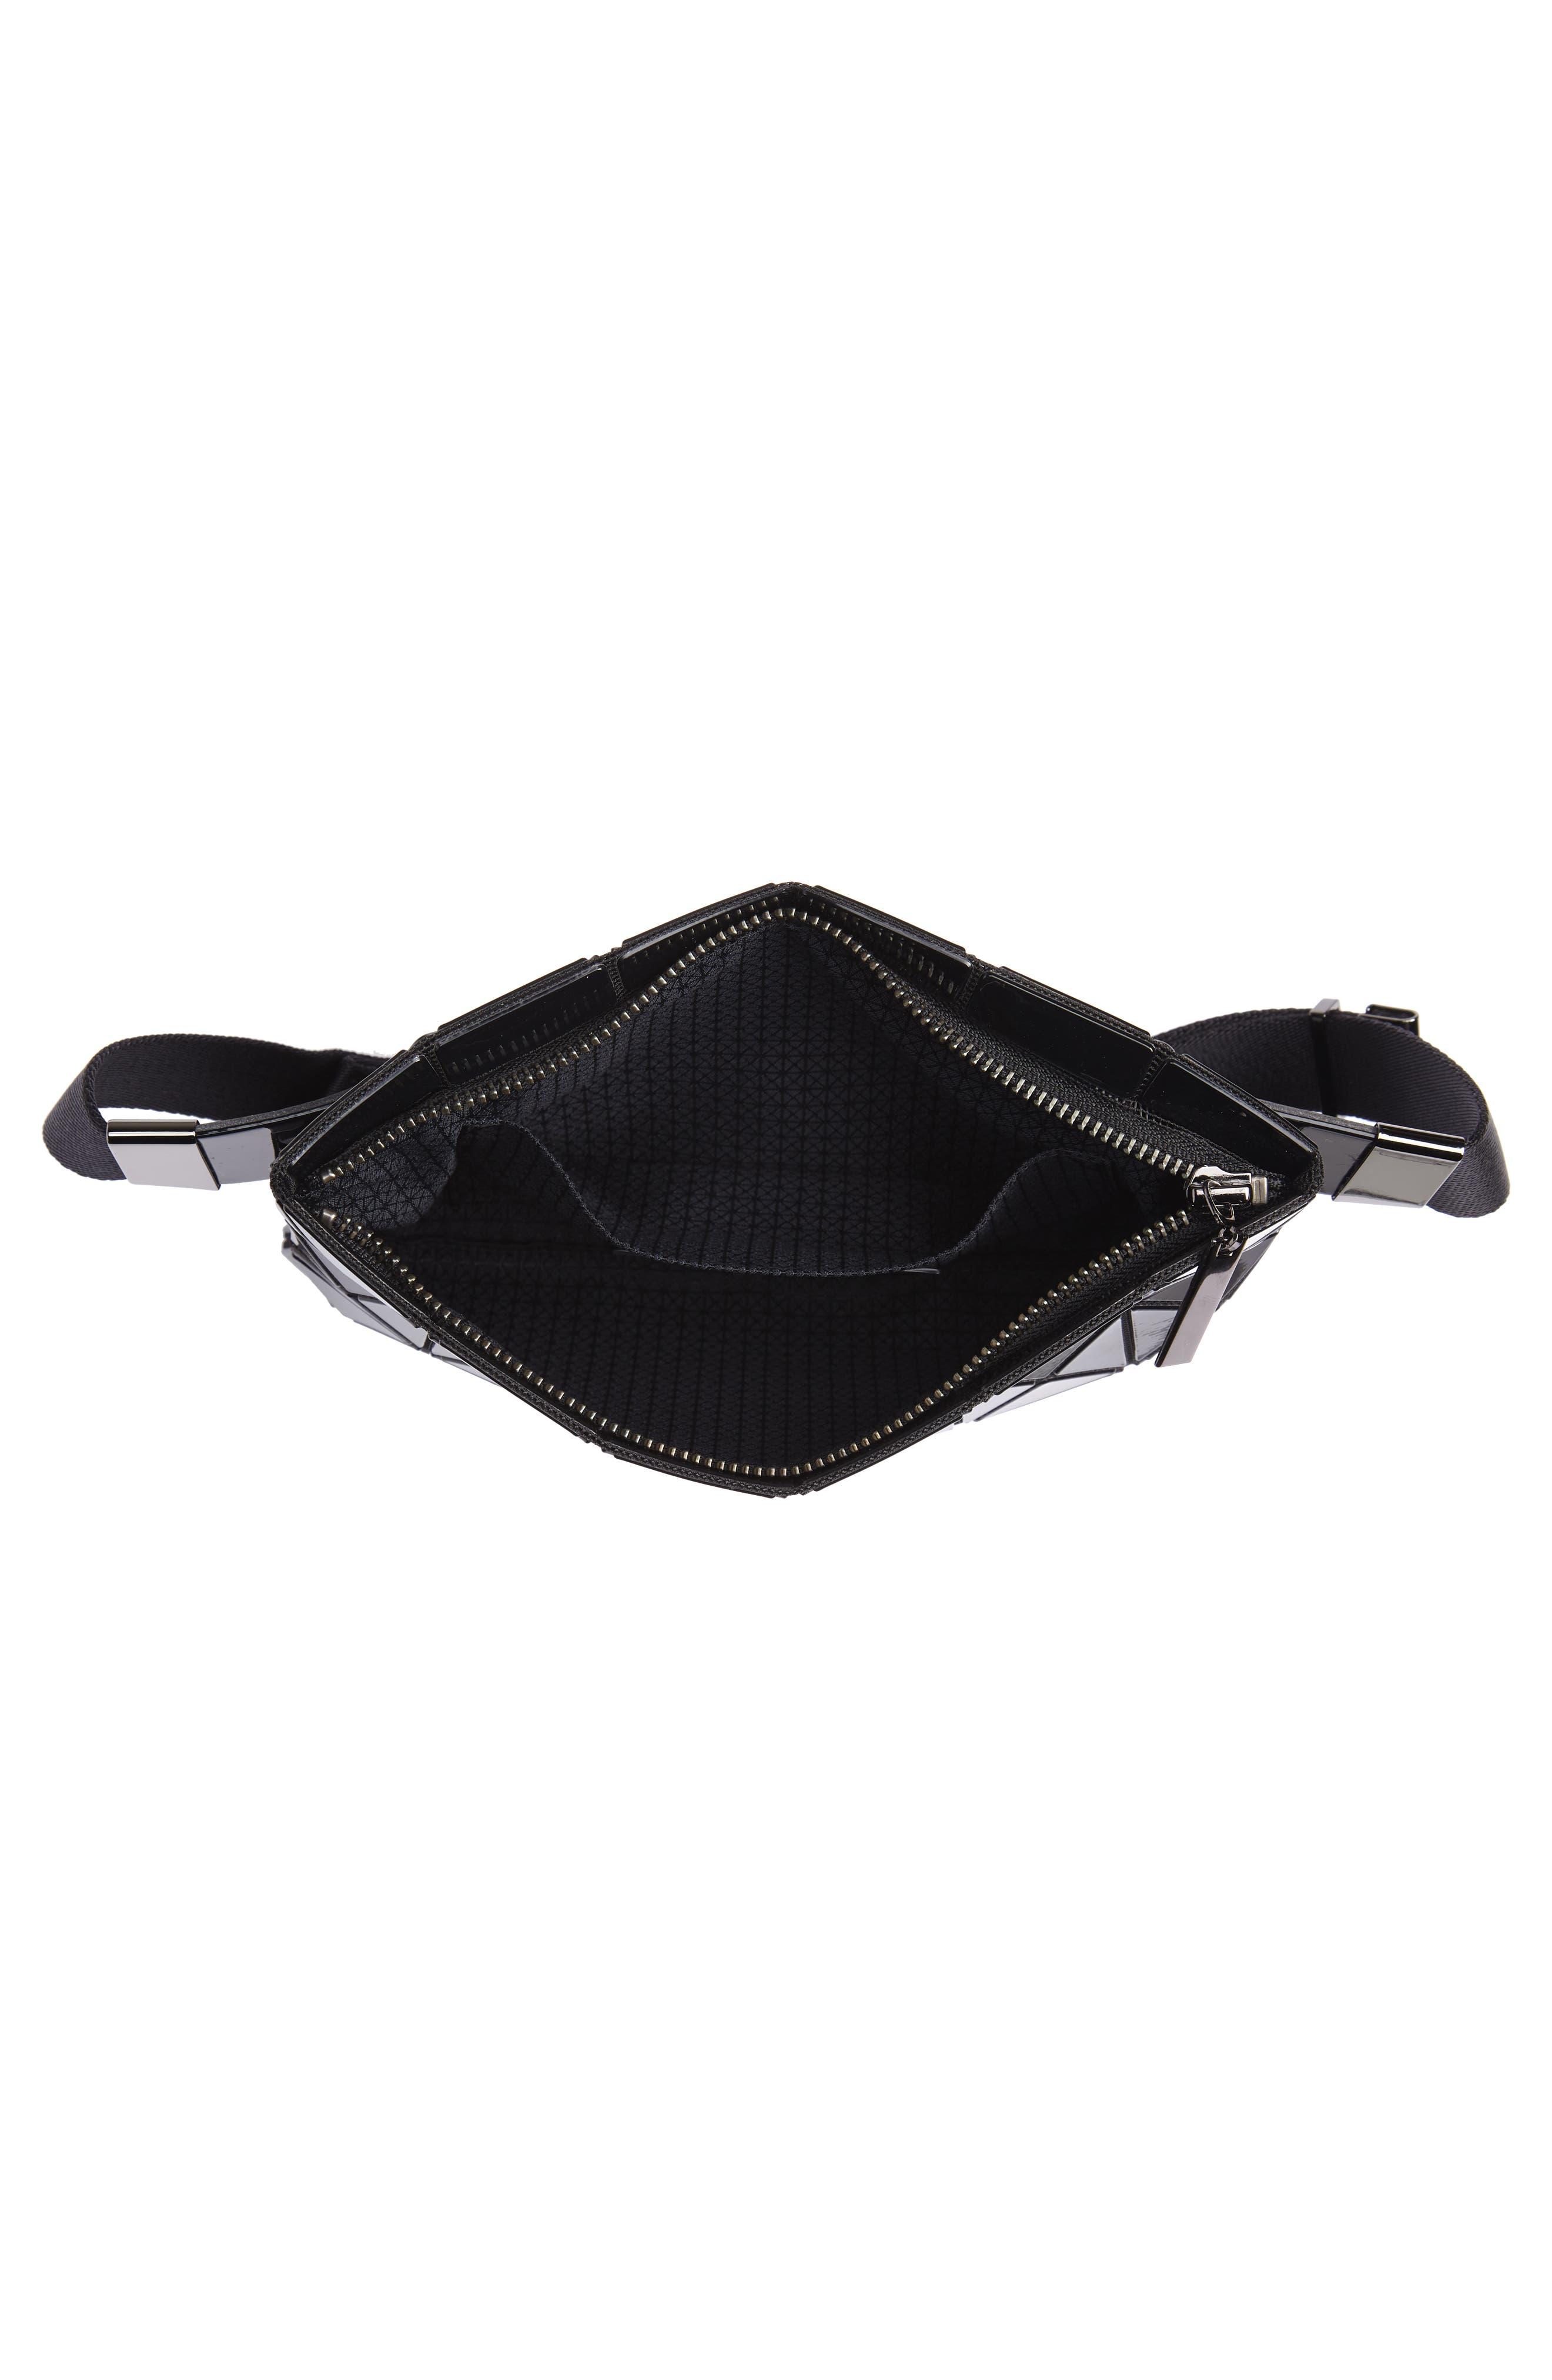 Prism Belt Bag,                             Alternate thumbnail 5, color,                             BLACK